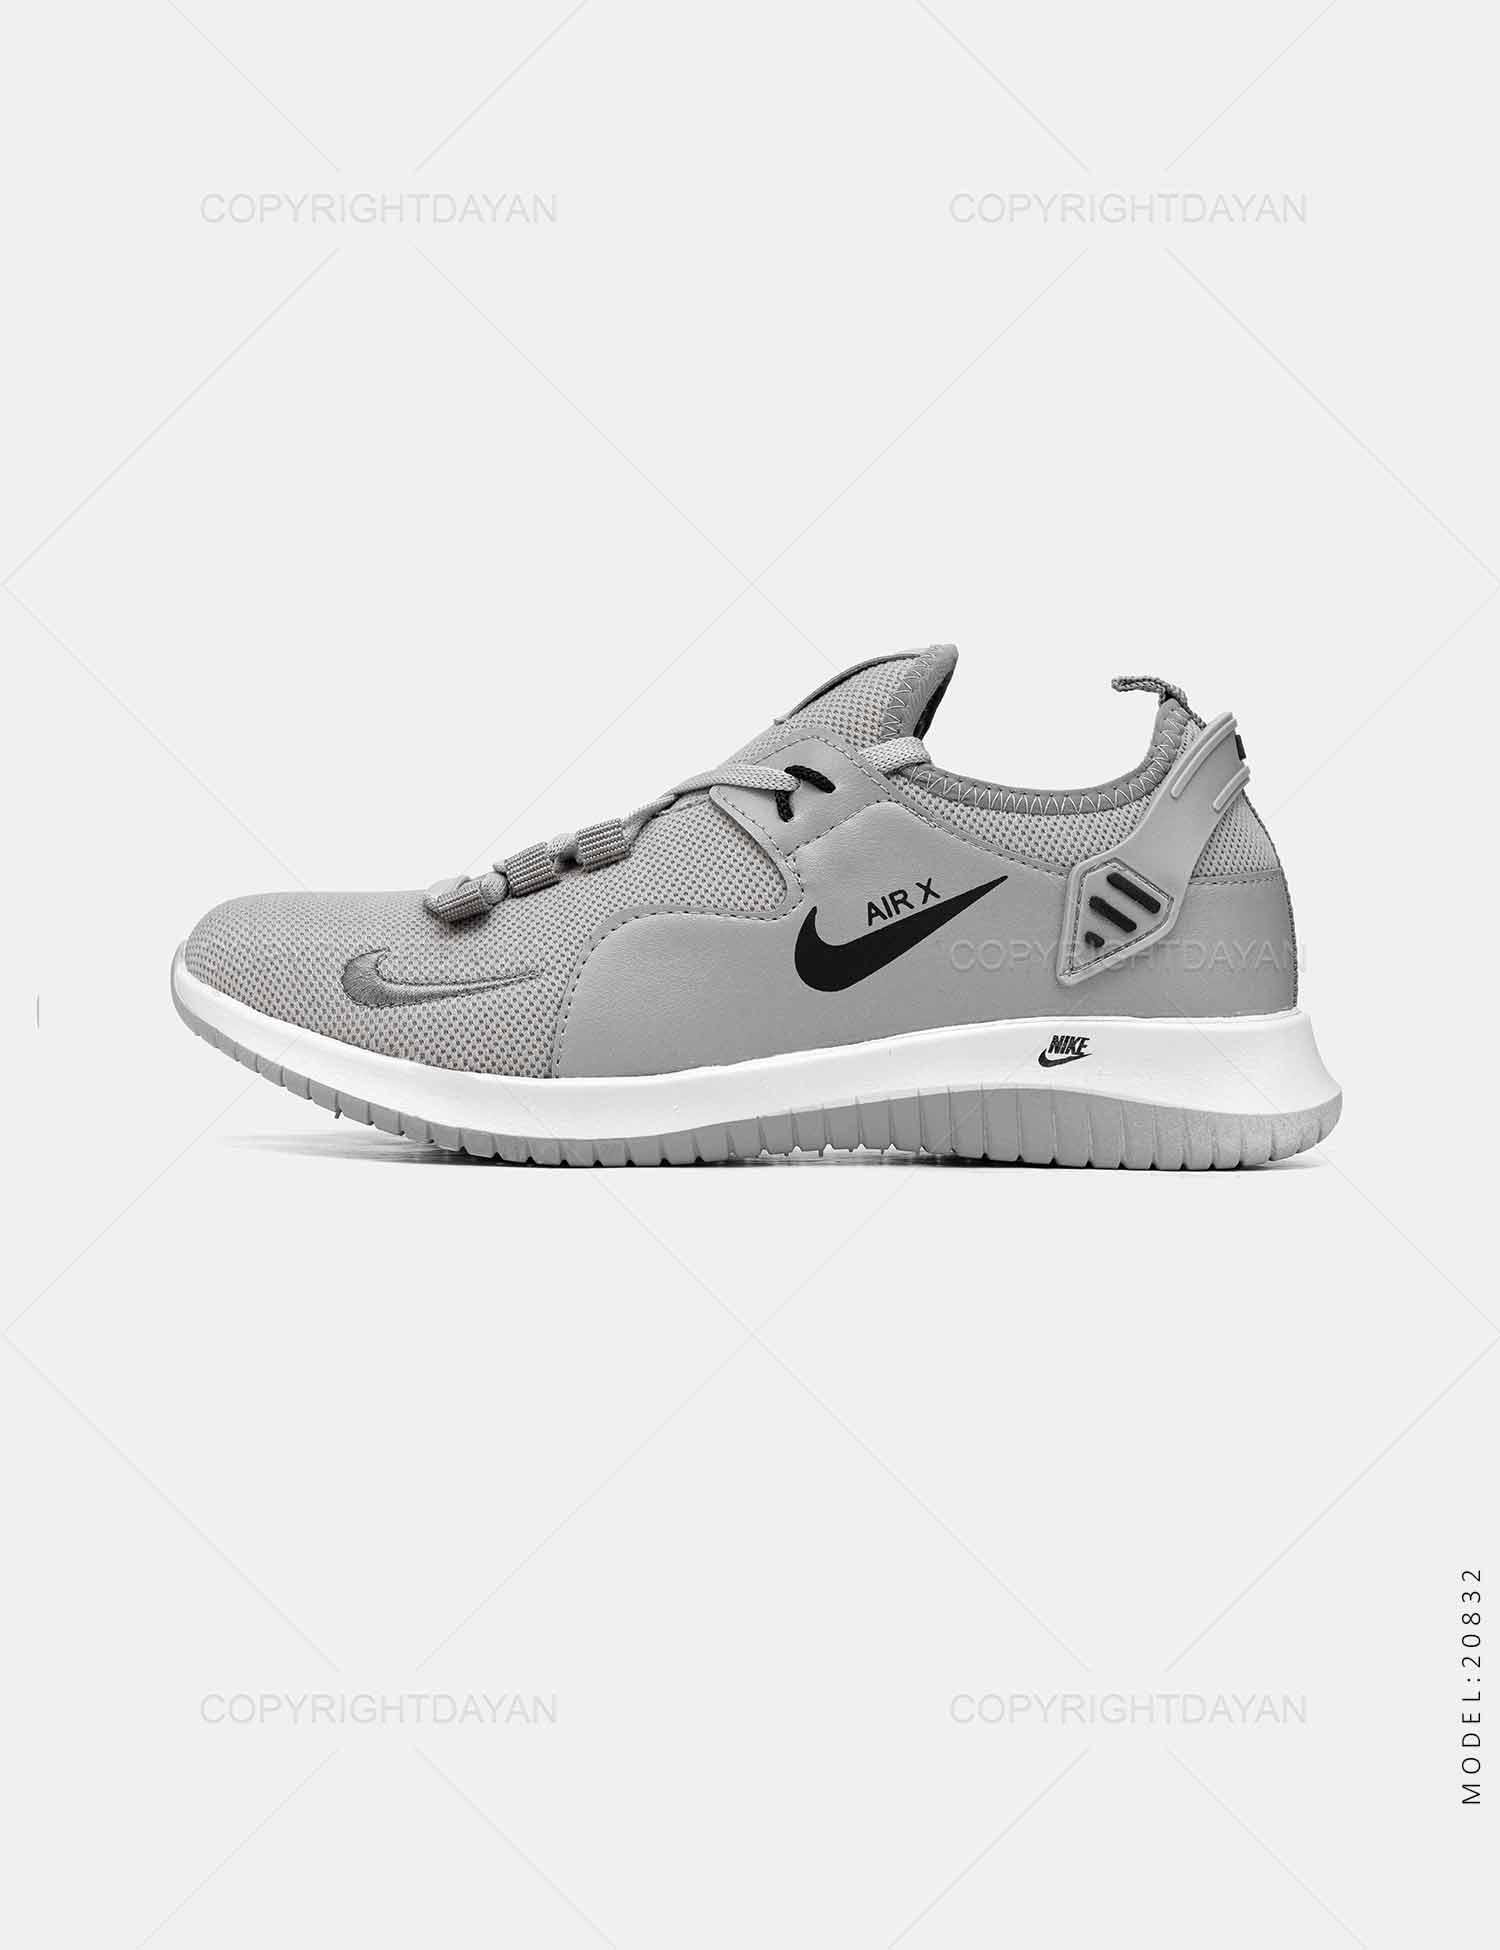 کفش مردانه Nike مدل 20832 کفش مردانه Nike مدل 20832 179,000 تومان